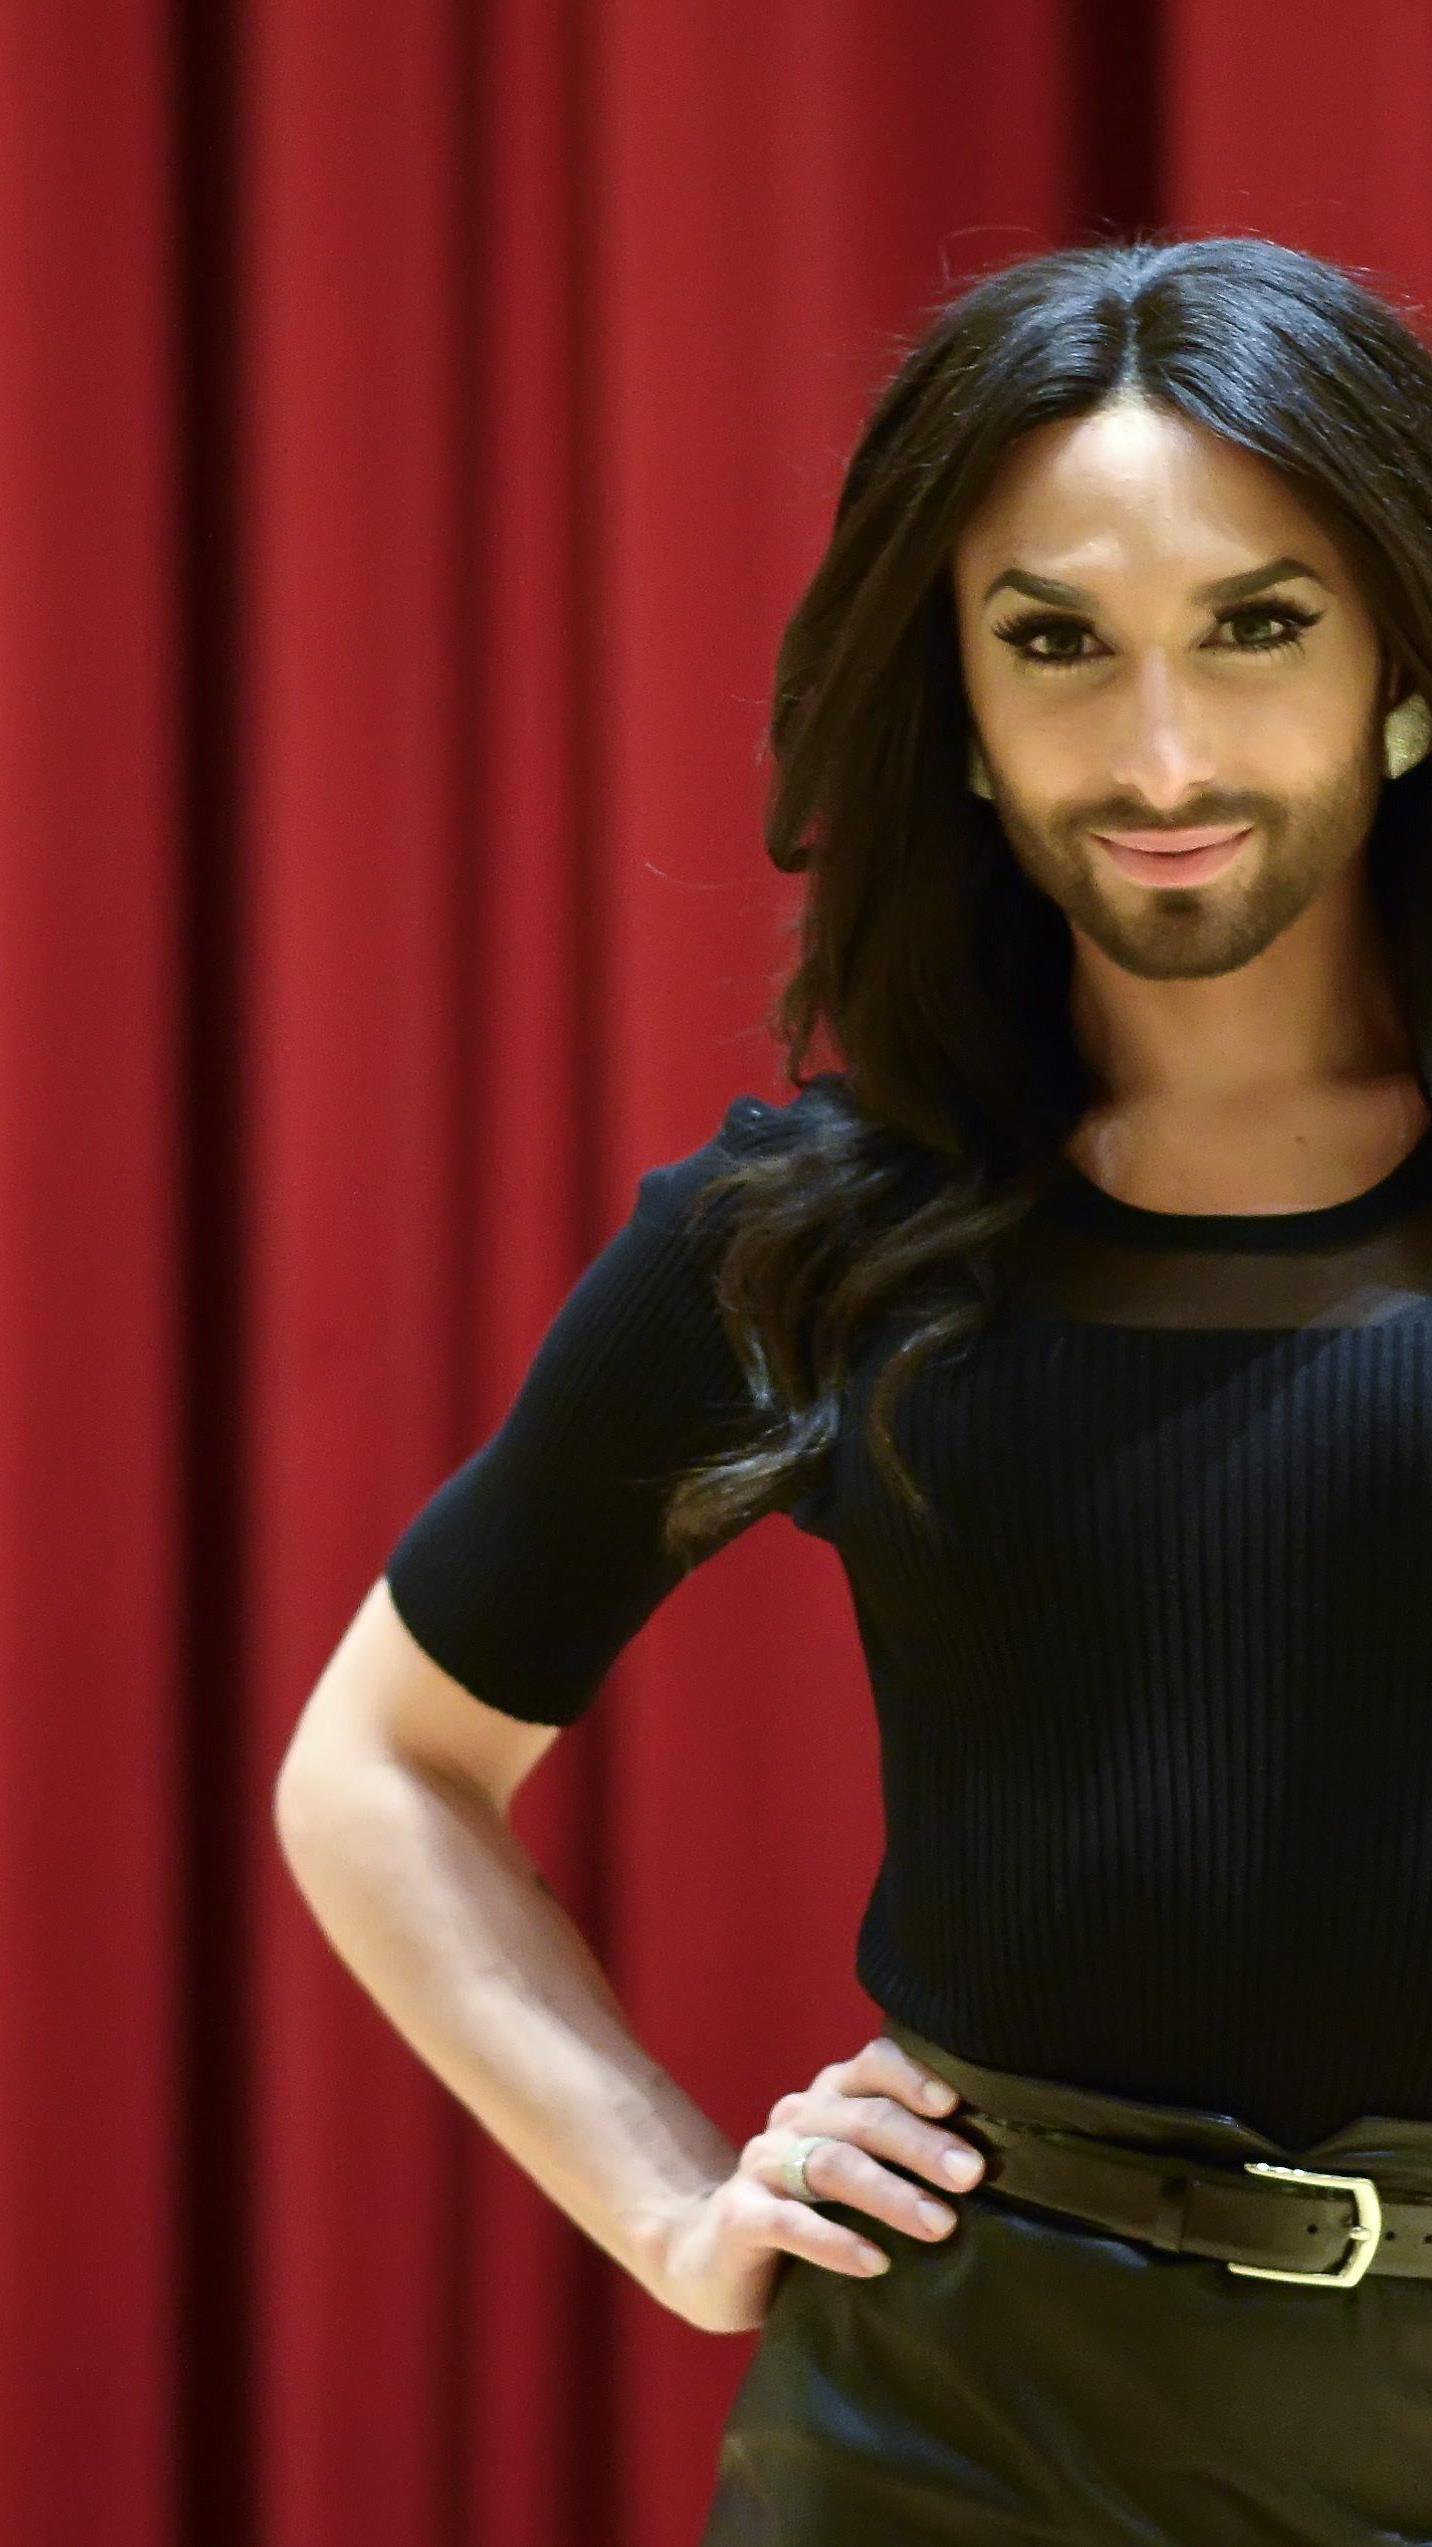 Conchita-Figur kommt in Wiener Madame Tussauds